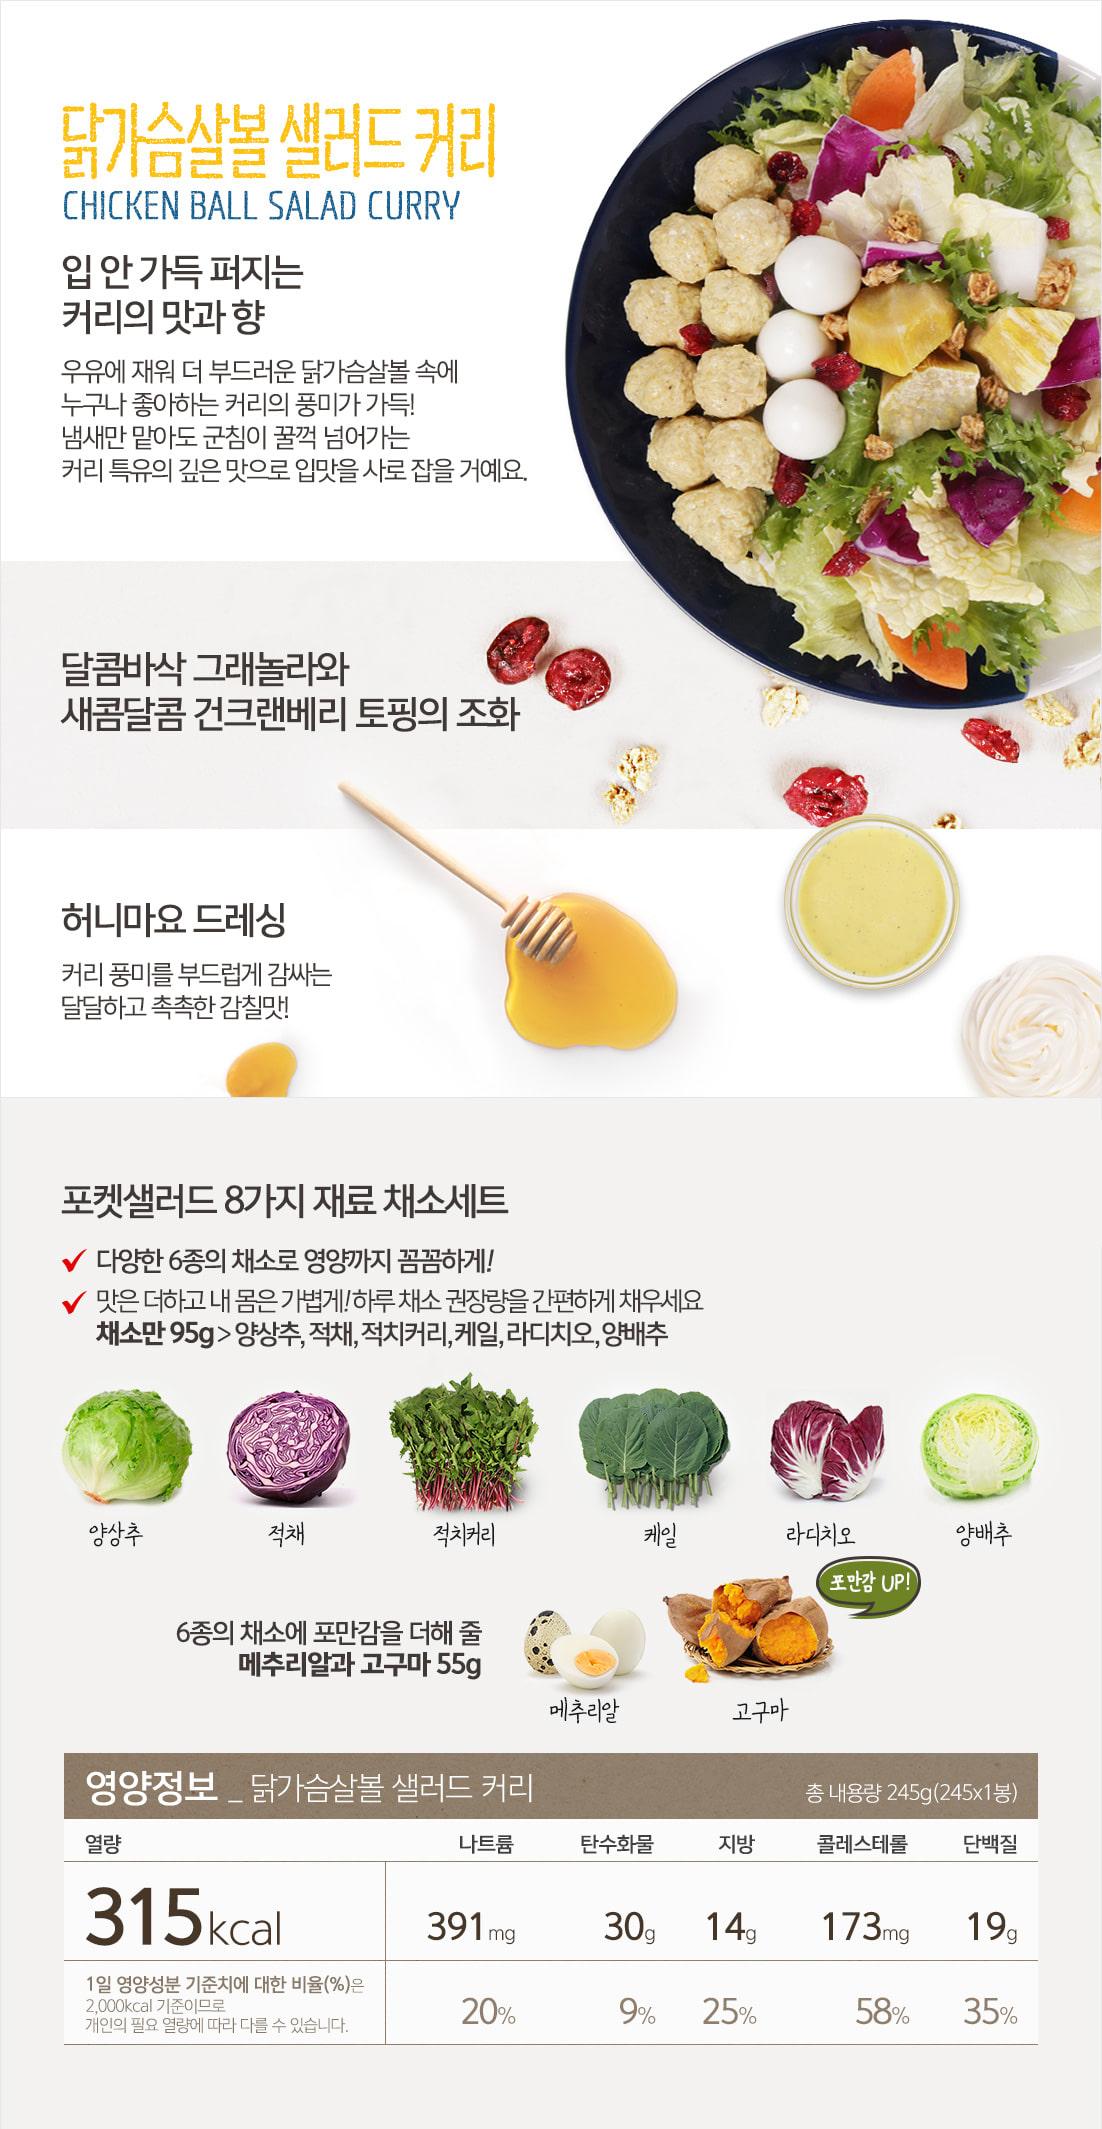 닭볼(커리)_영양정보